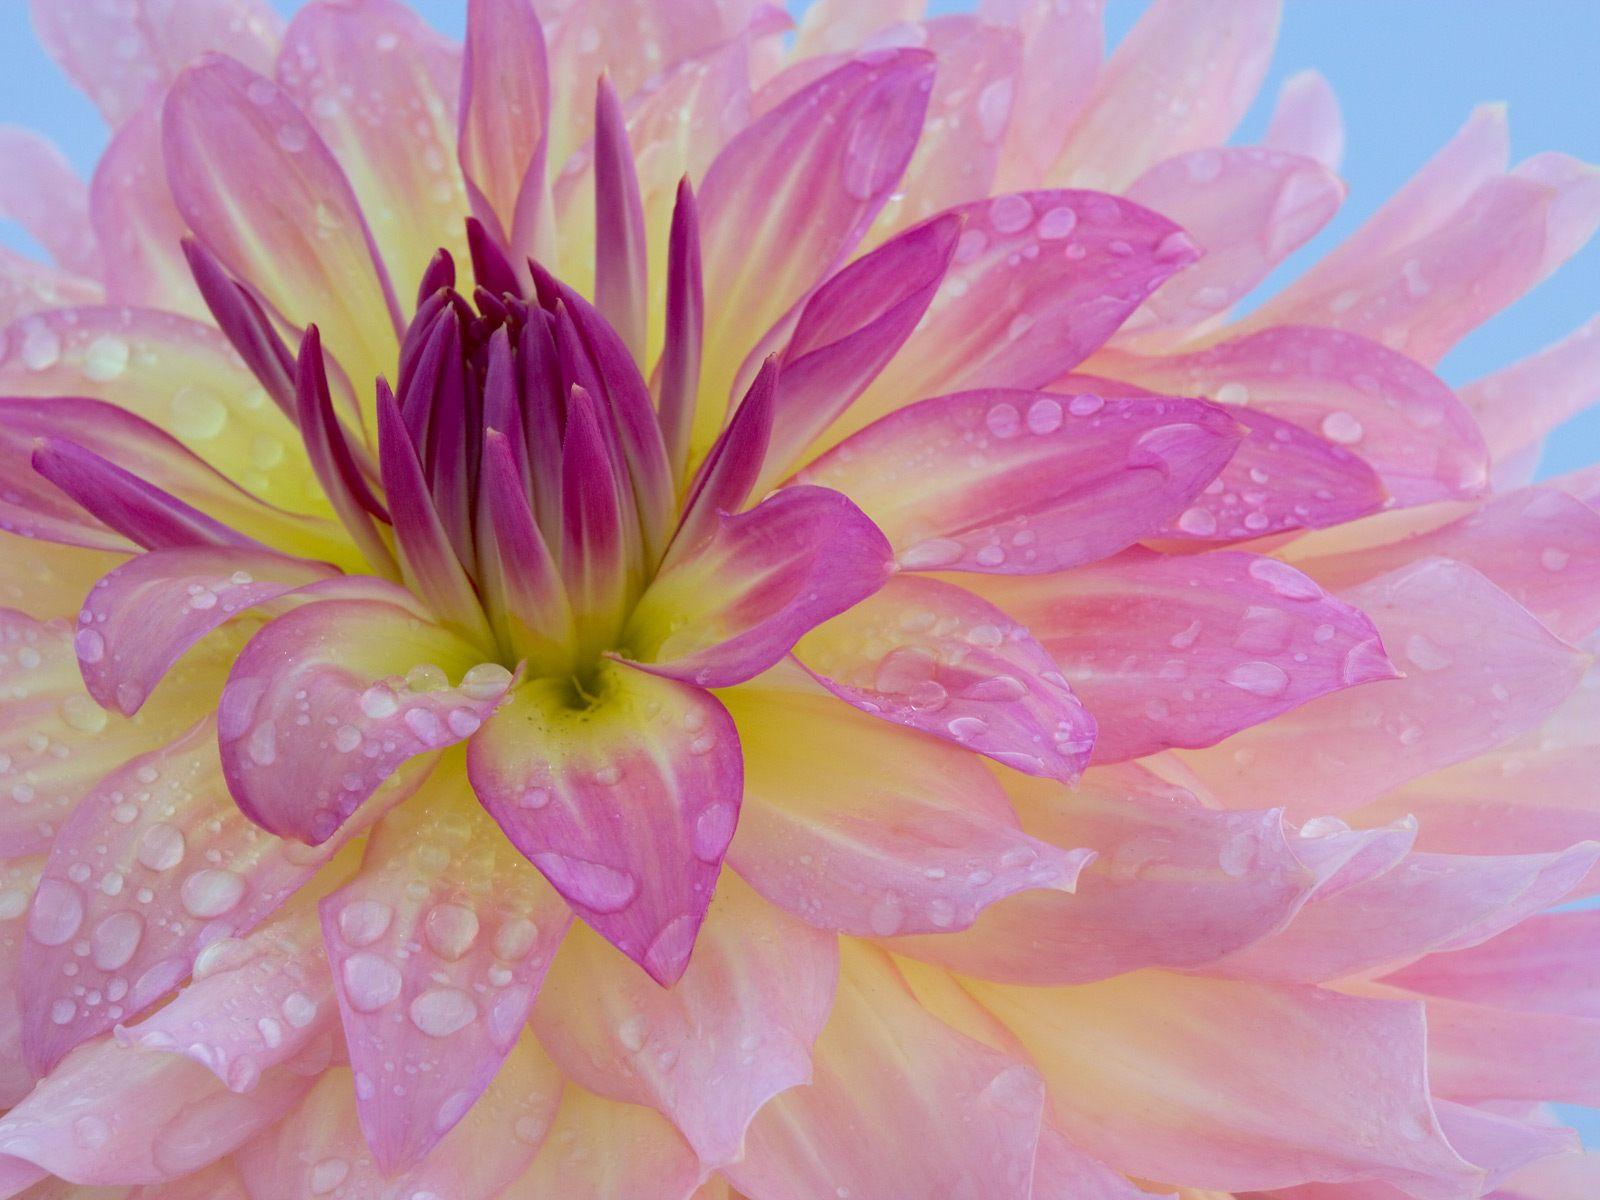 http://3.bp.blogspot.com/-xjs2GZ0BgTc/TxvcfJPLEOI/AAAAAAAADVQ/LlPz2feXQXI/s1600/lily+flowers+wallpaper.jpg